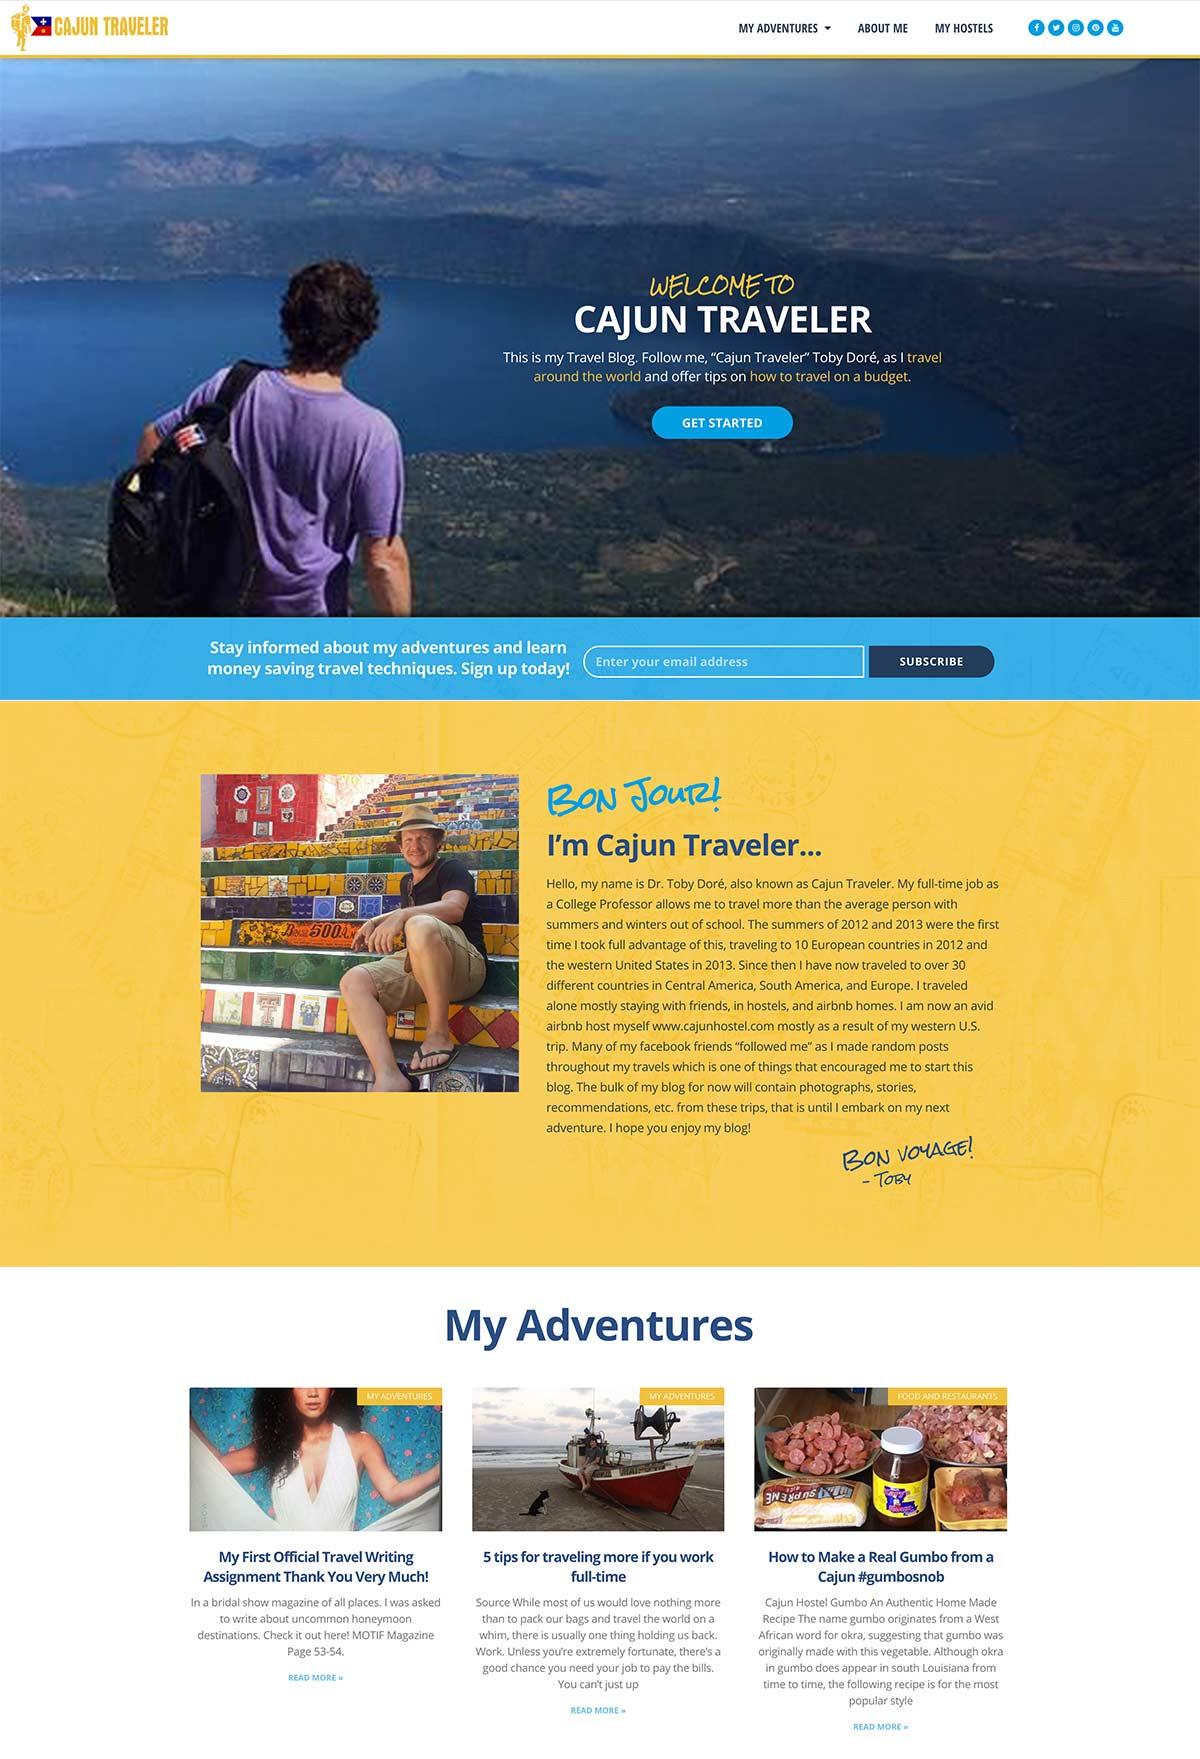 Cajun Traveler Website